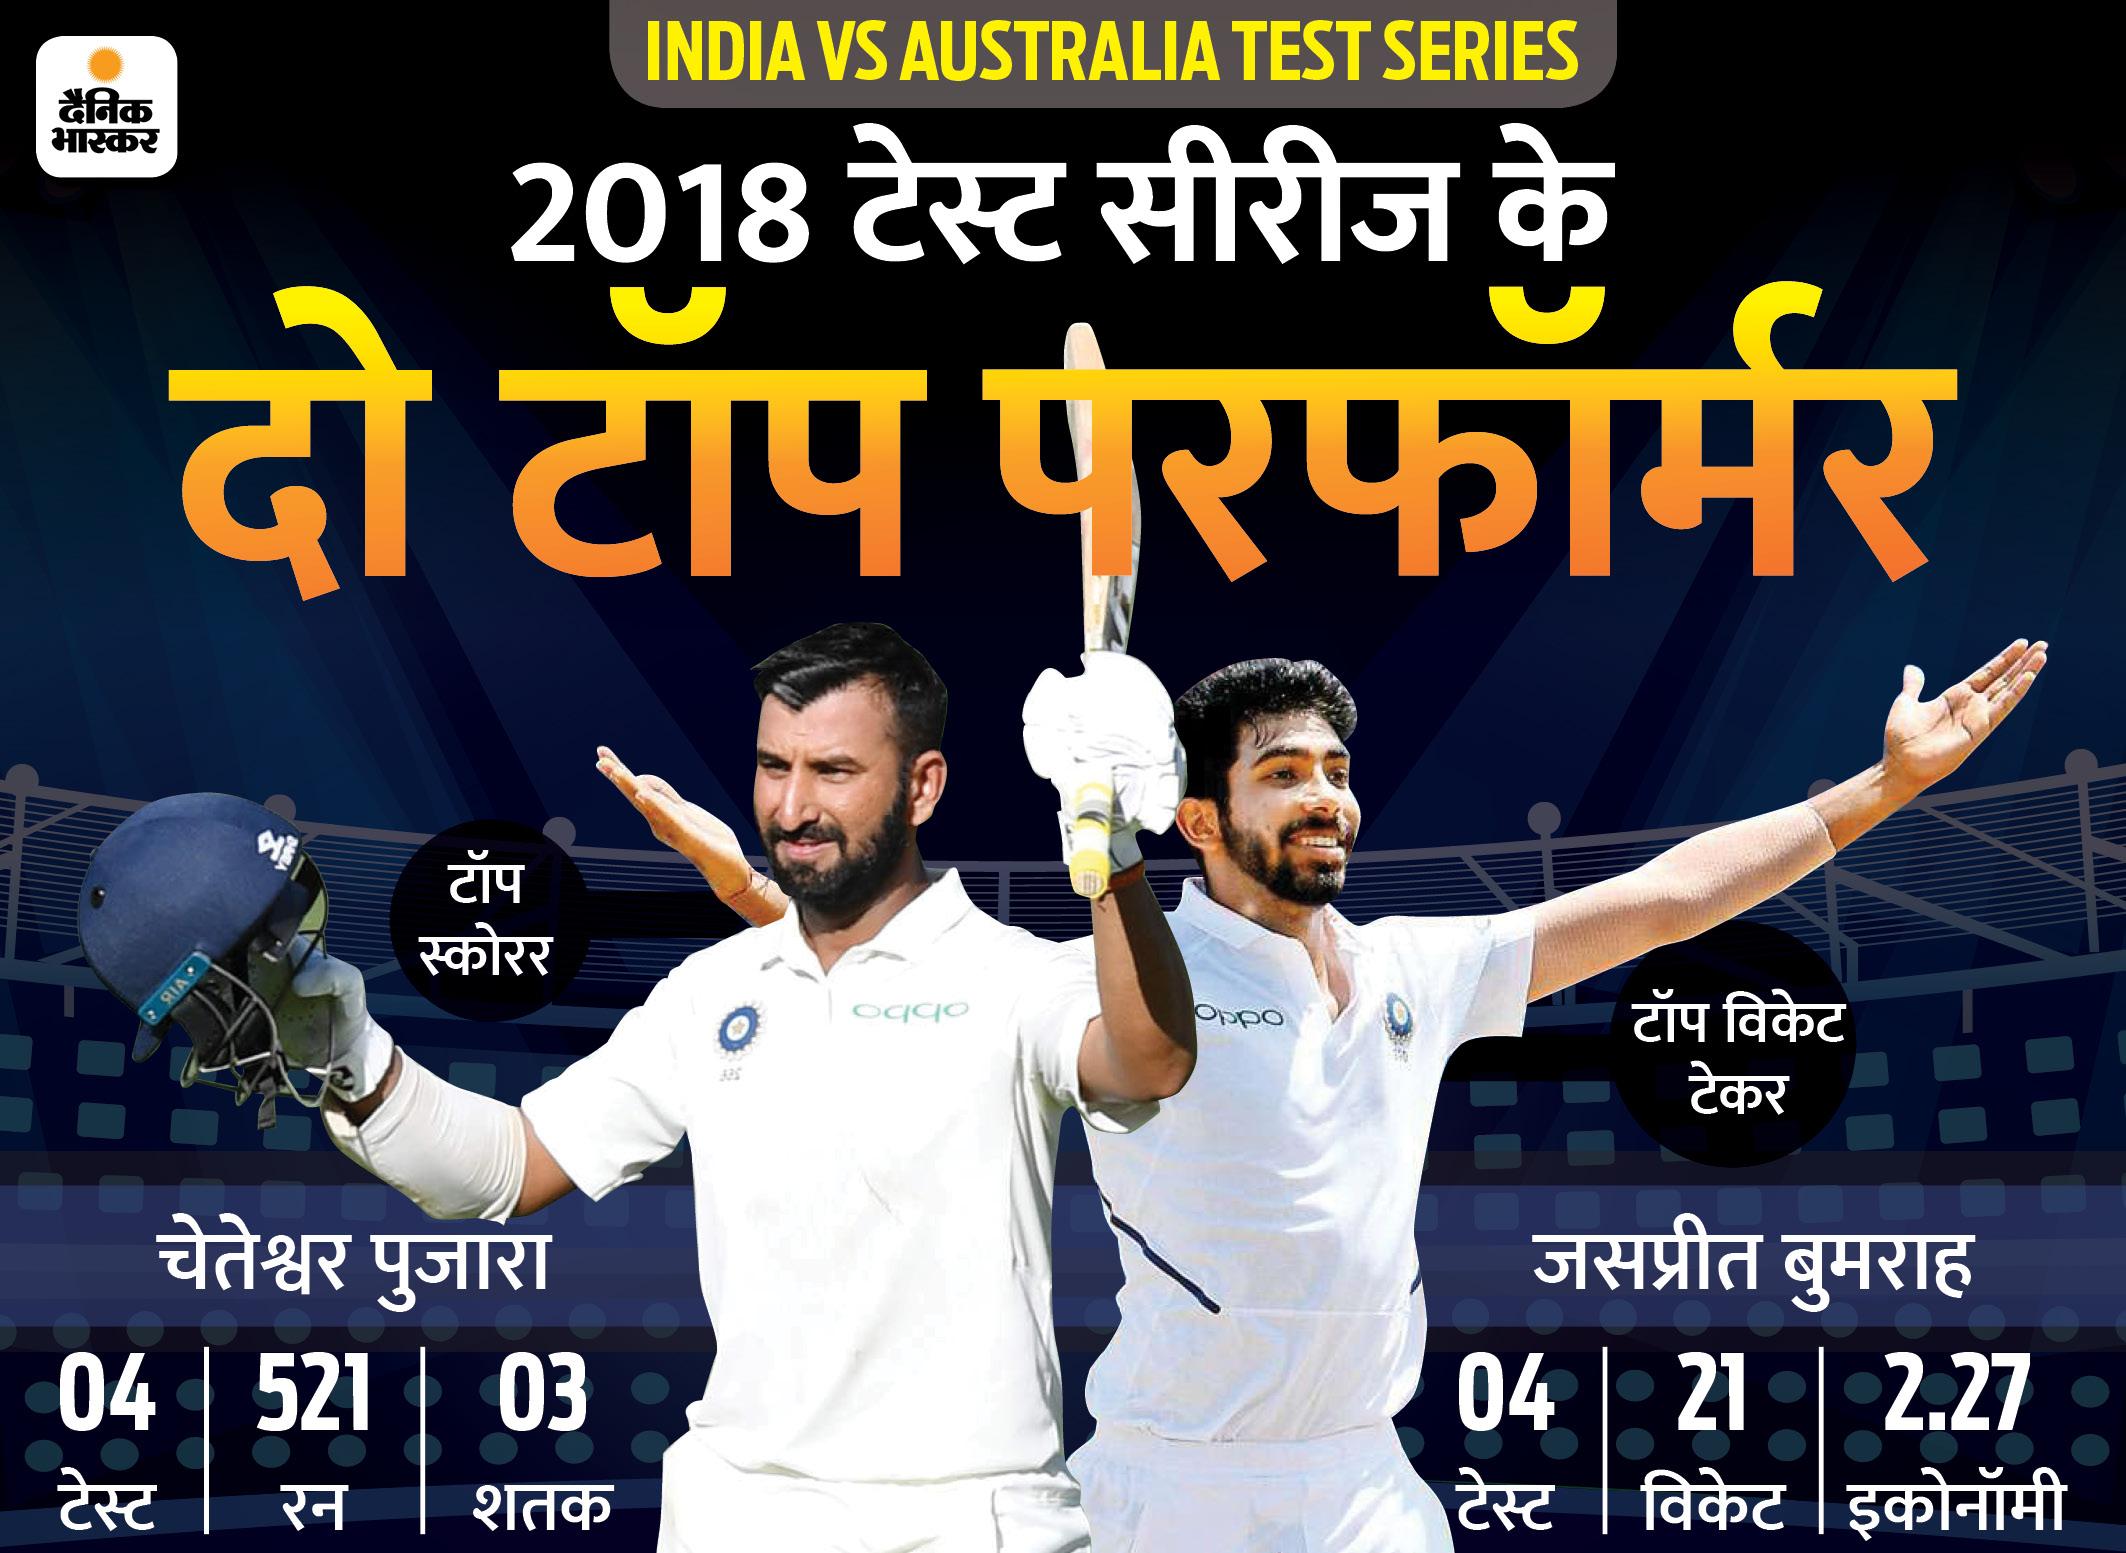 2018 की विनर टीम के टॉप-2 विकेट टेकर और 5 बल्लेबाज फिर टीम इंडिया में, कोहली-रोहित साथ नहीं खेलेंगे|क्रिकेट,Cricket - Dainik Bhaskar